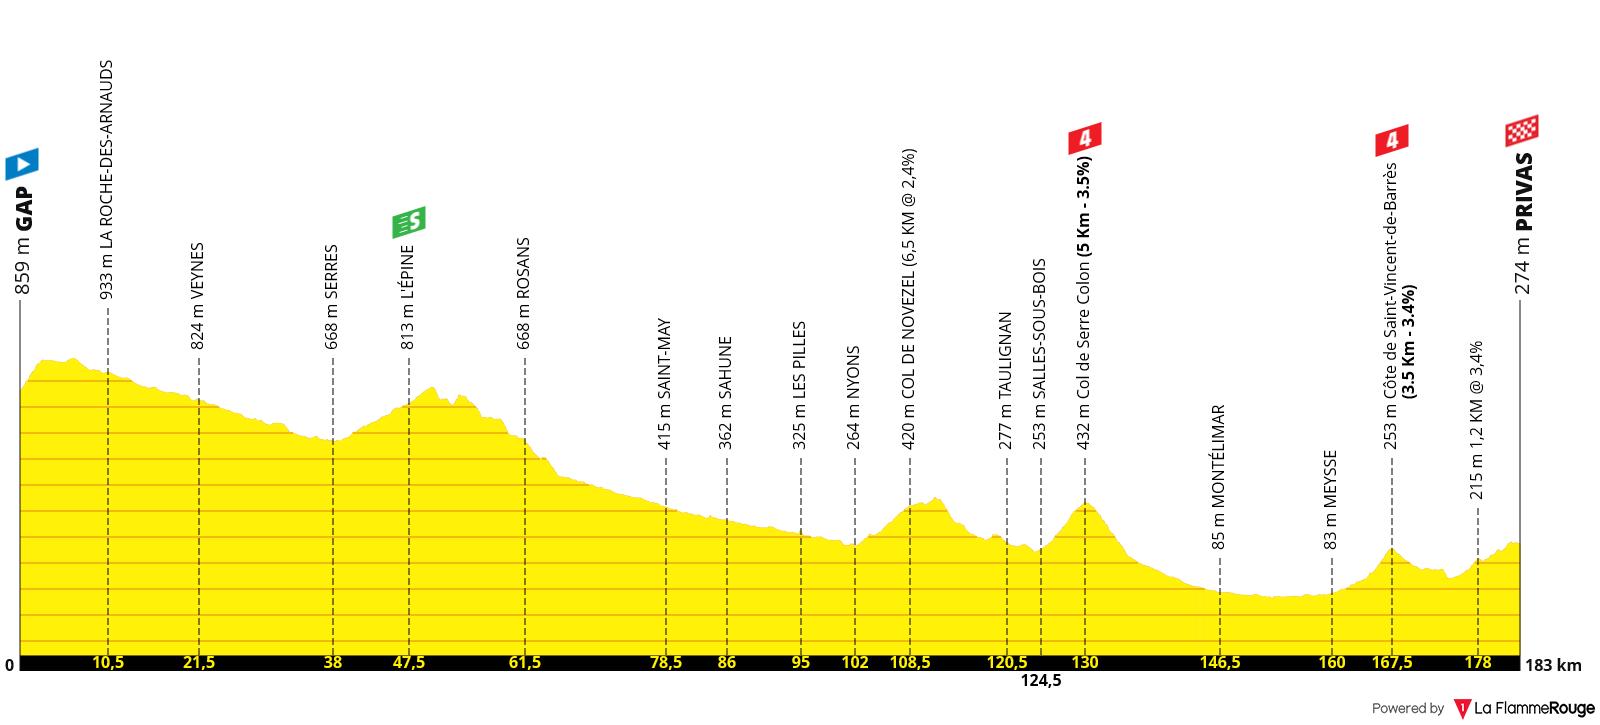 Perfil Etapa 05 - Tour de Francia 2020 - Gap Privas (183km)